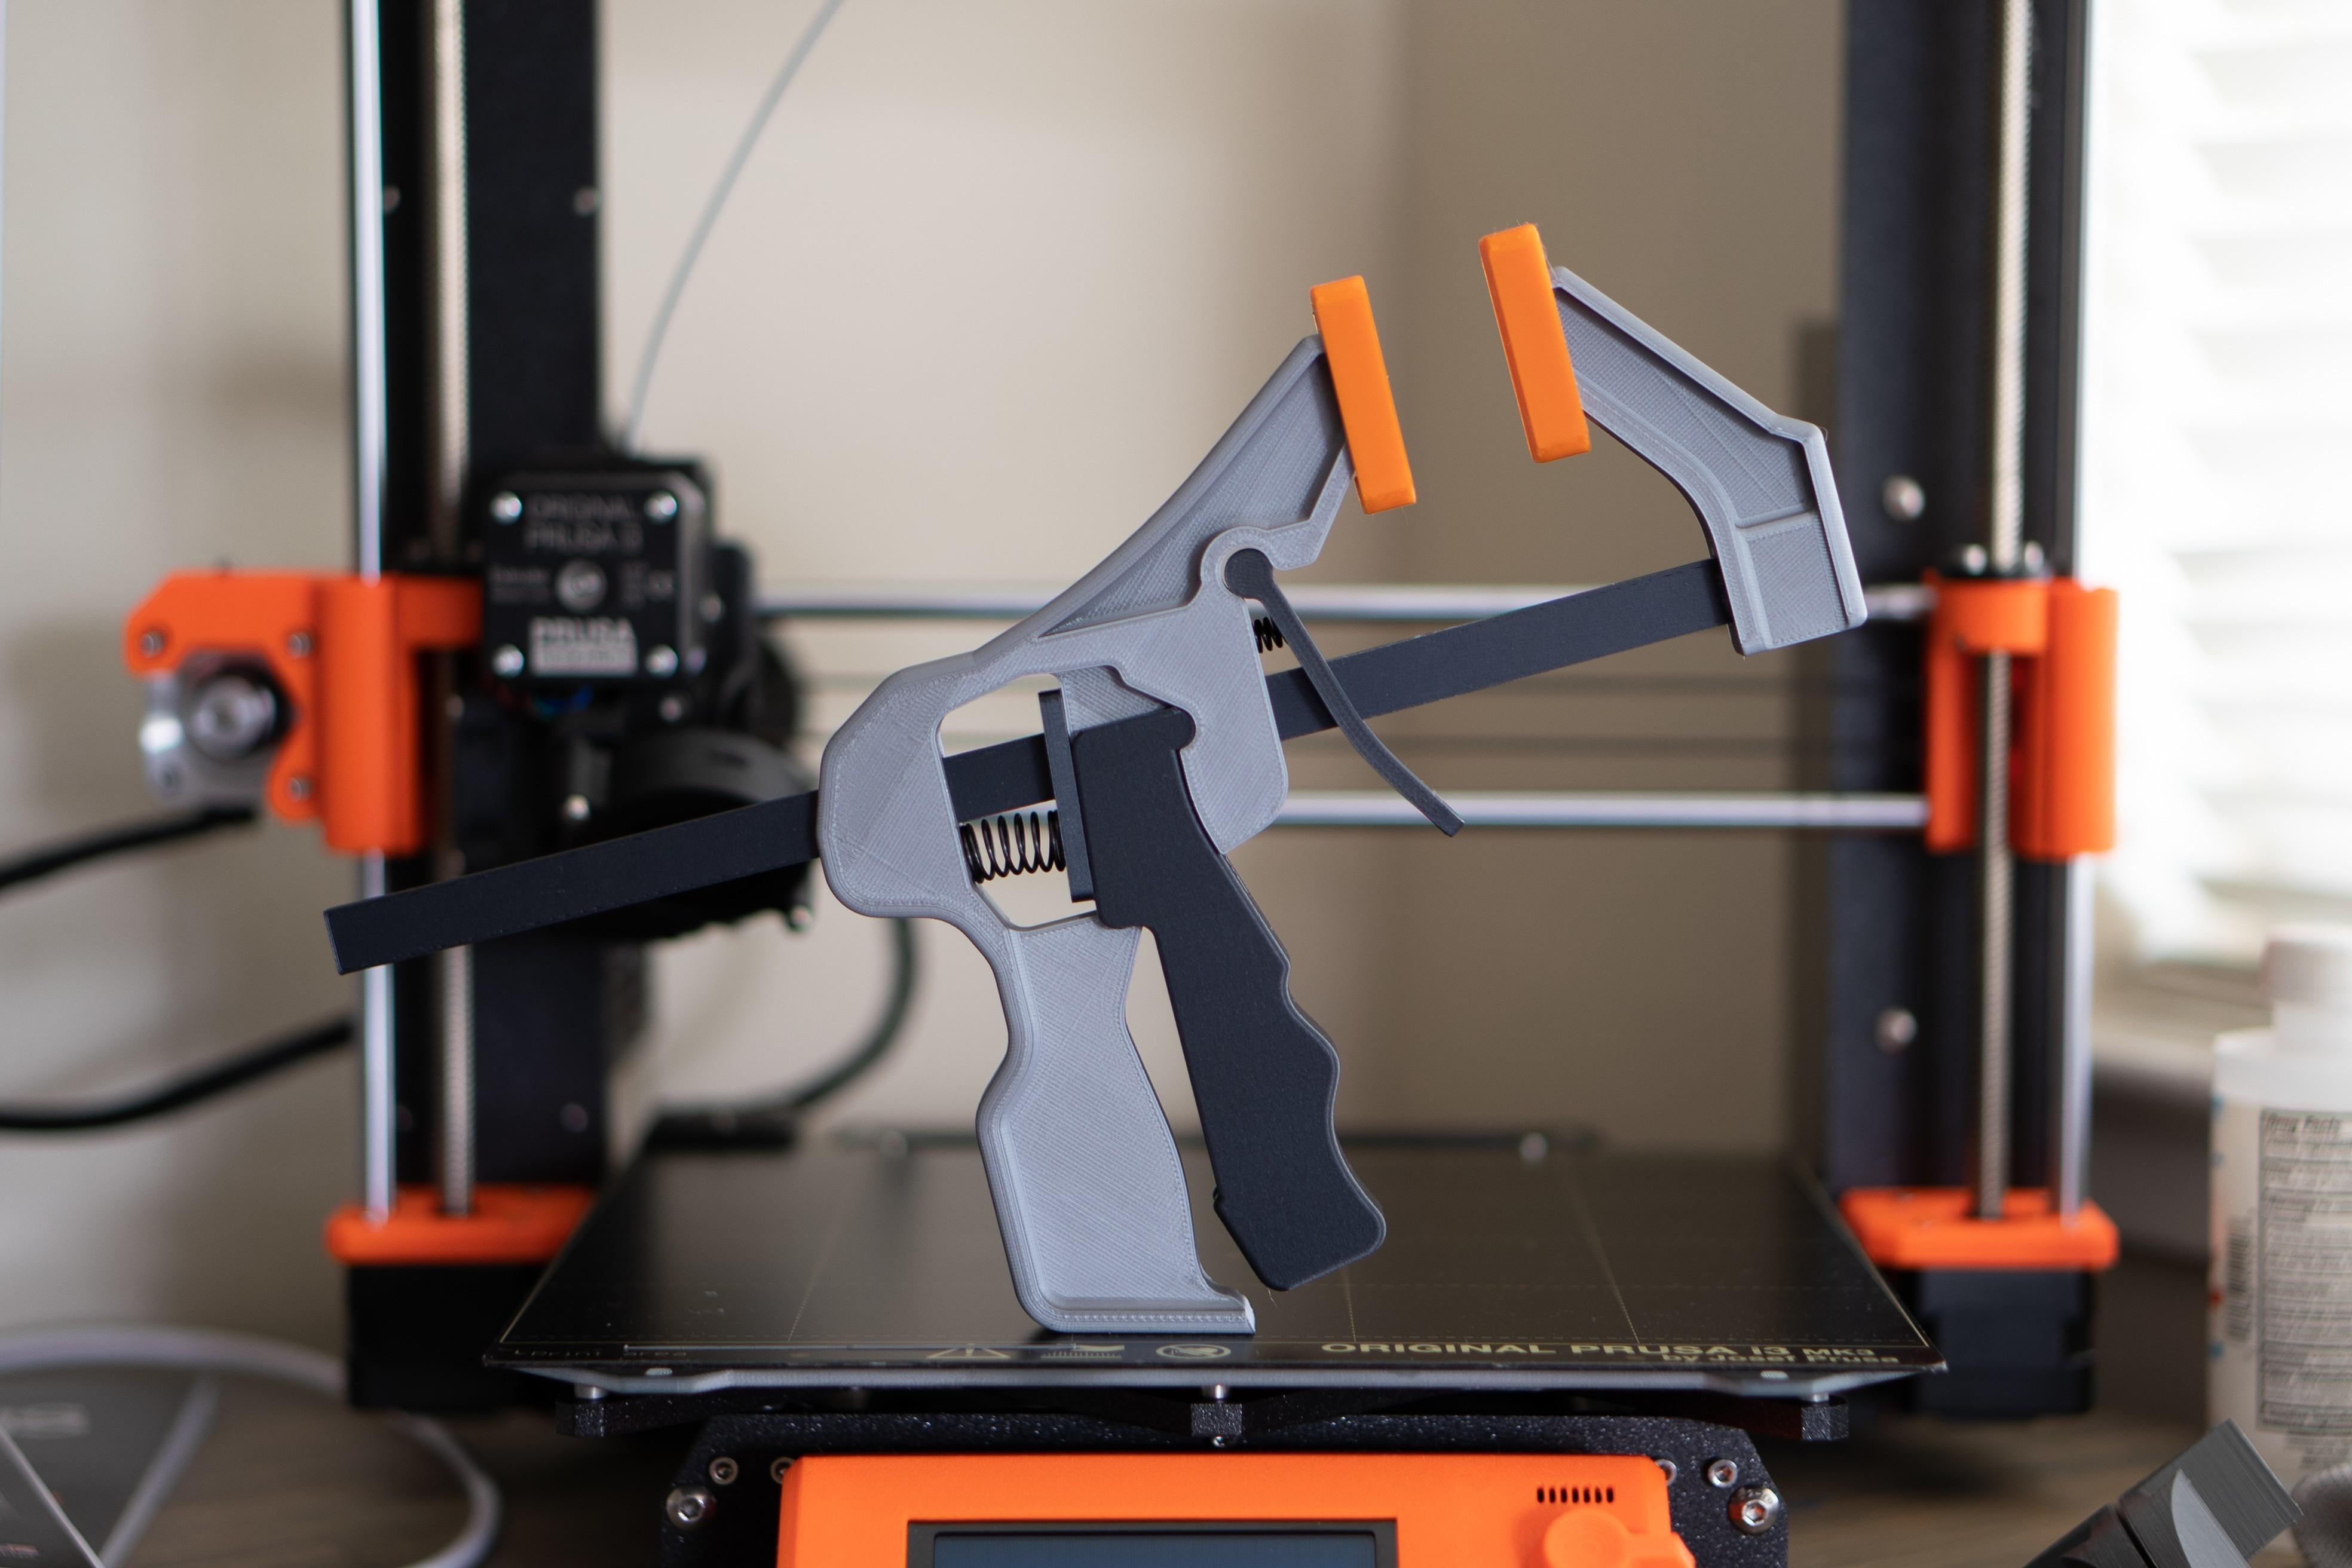 DSC09873-2.jpg Télécharger fichier STL gratuit Pince de détente à prise rapide imprimable (fonctionnelle) • Design imprimable en 3D, arron_mollet22